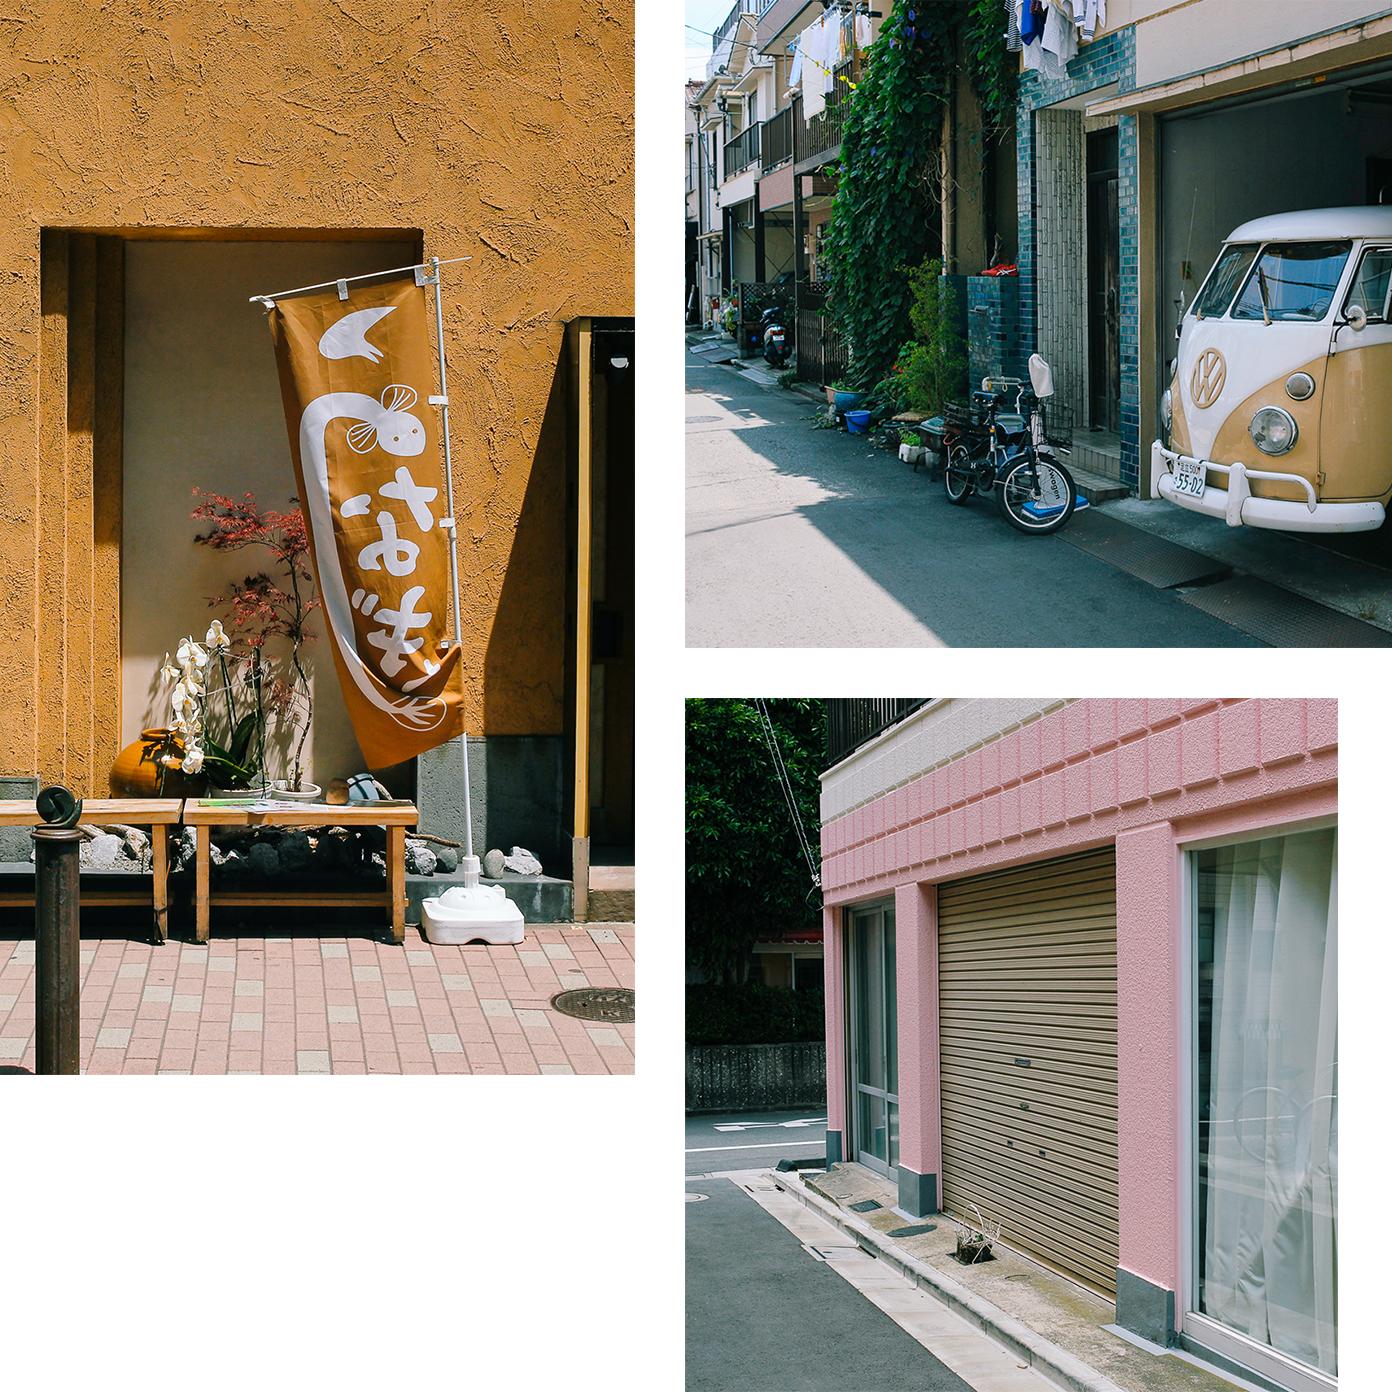 KIYOSUMI-SHIRAKAWA: THỊ TRẤN CÀ PHÊ LẠ LÙNG GIỮA LÒNG TOKYO